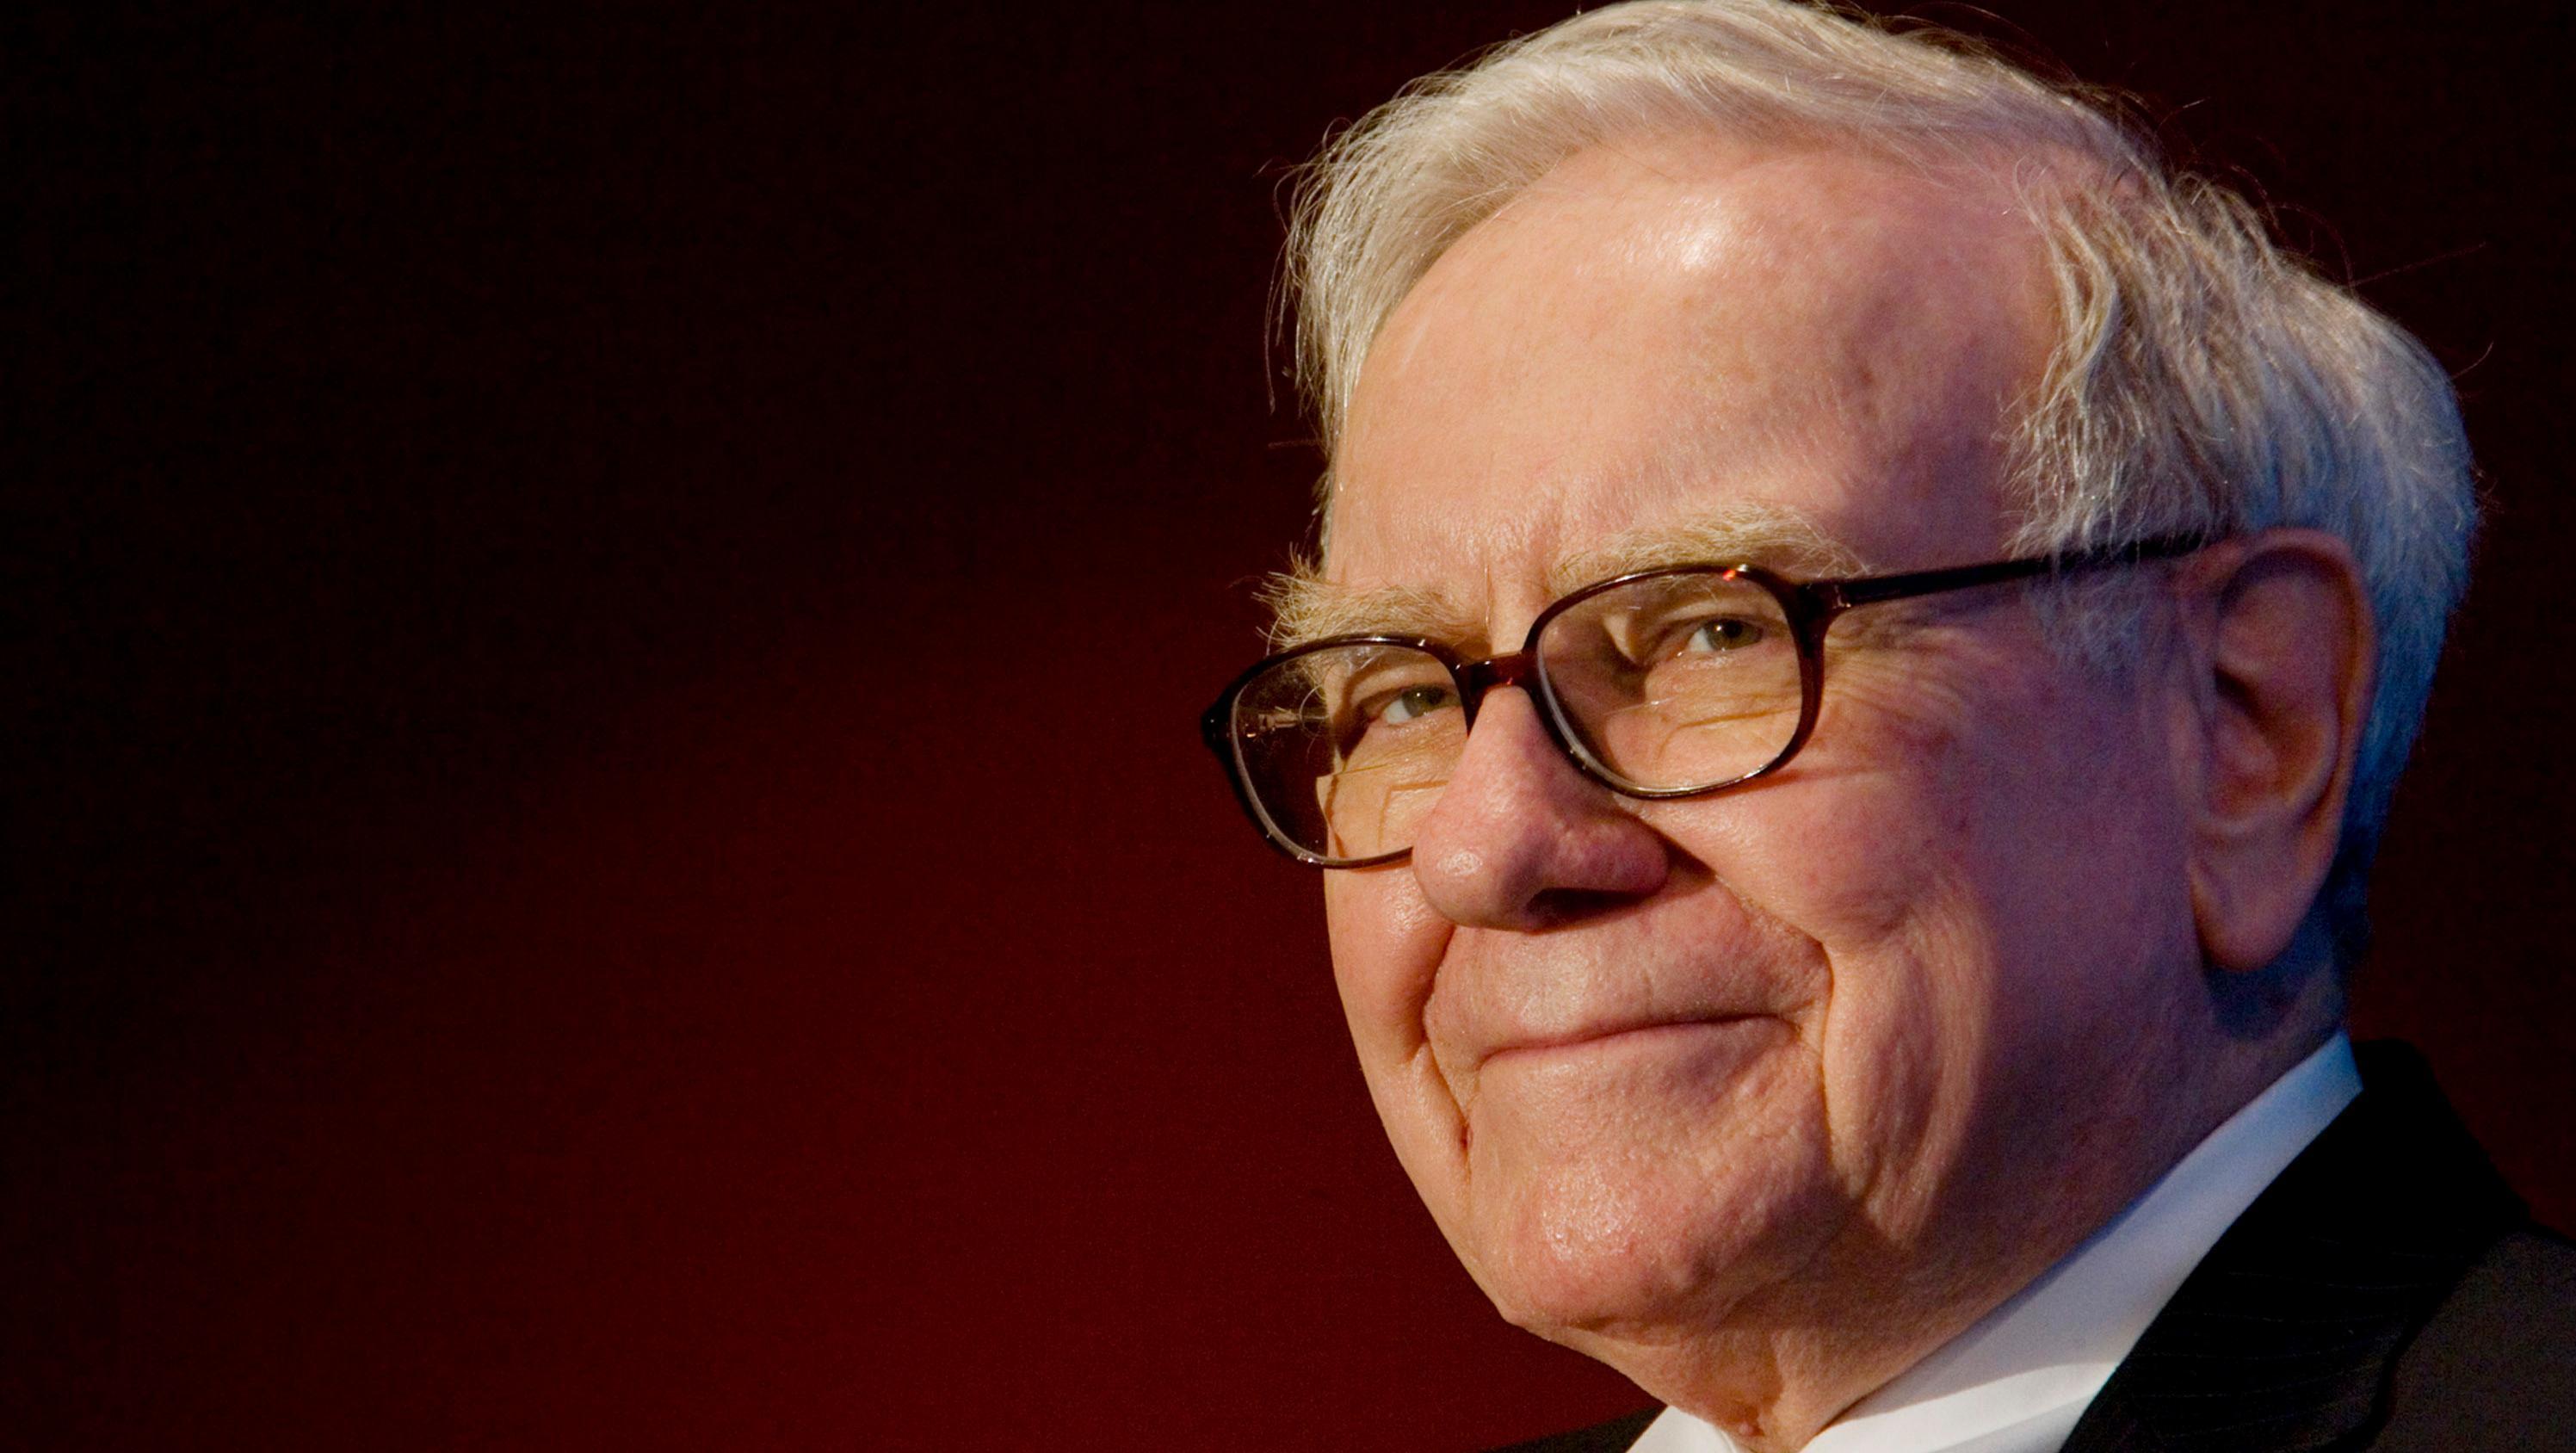 """Warren Buffett: """"Me divierto más que cualquier persona de 88 años"""" -  Noticias económicas, financieras y de negocios - El Cronista"""